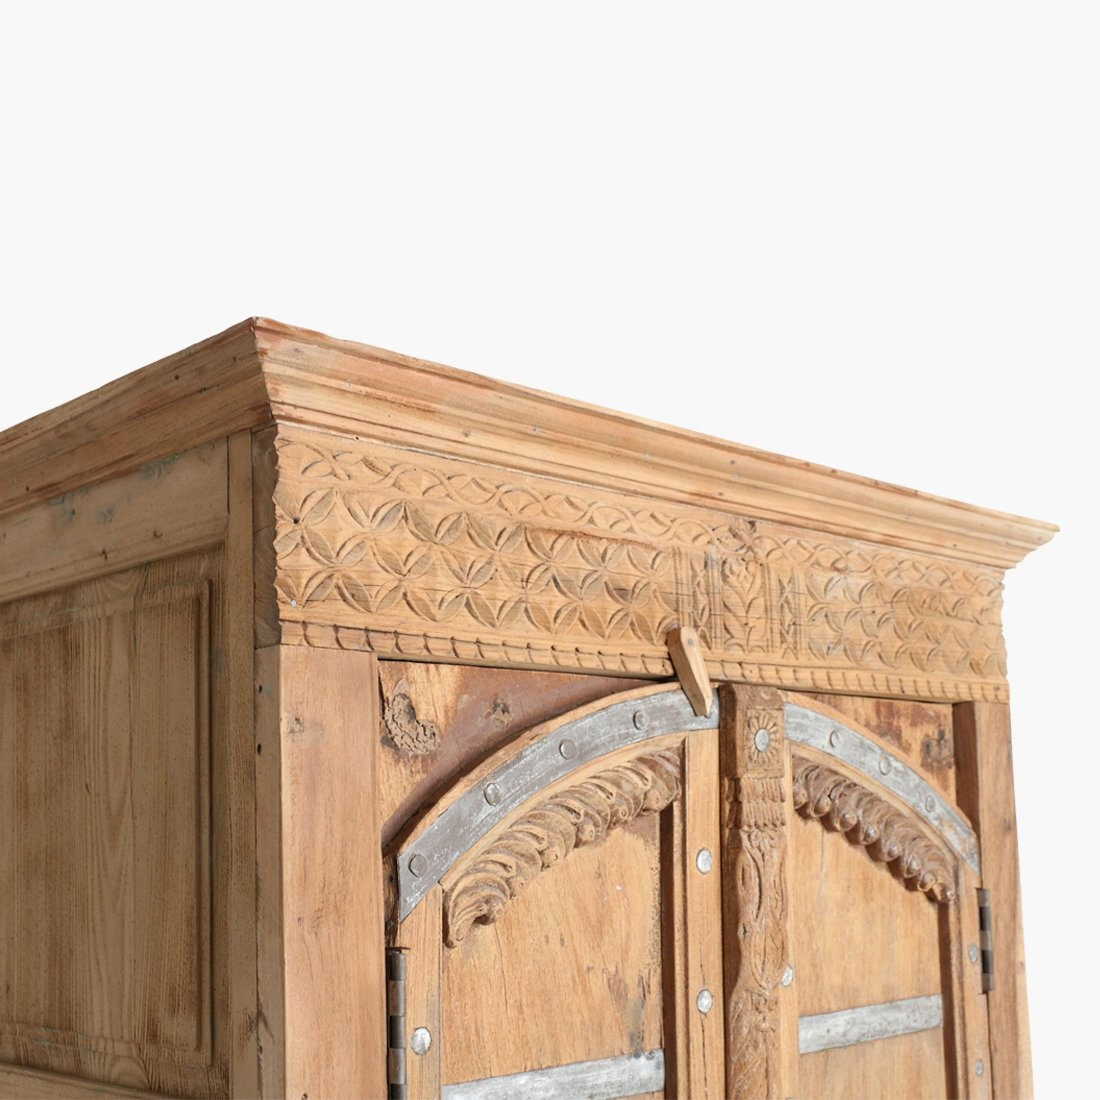 Petite Lily Interiors Armario Indio - metal & madera - h202x101x55cm - Pieza única